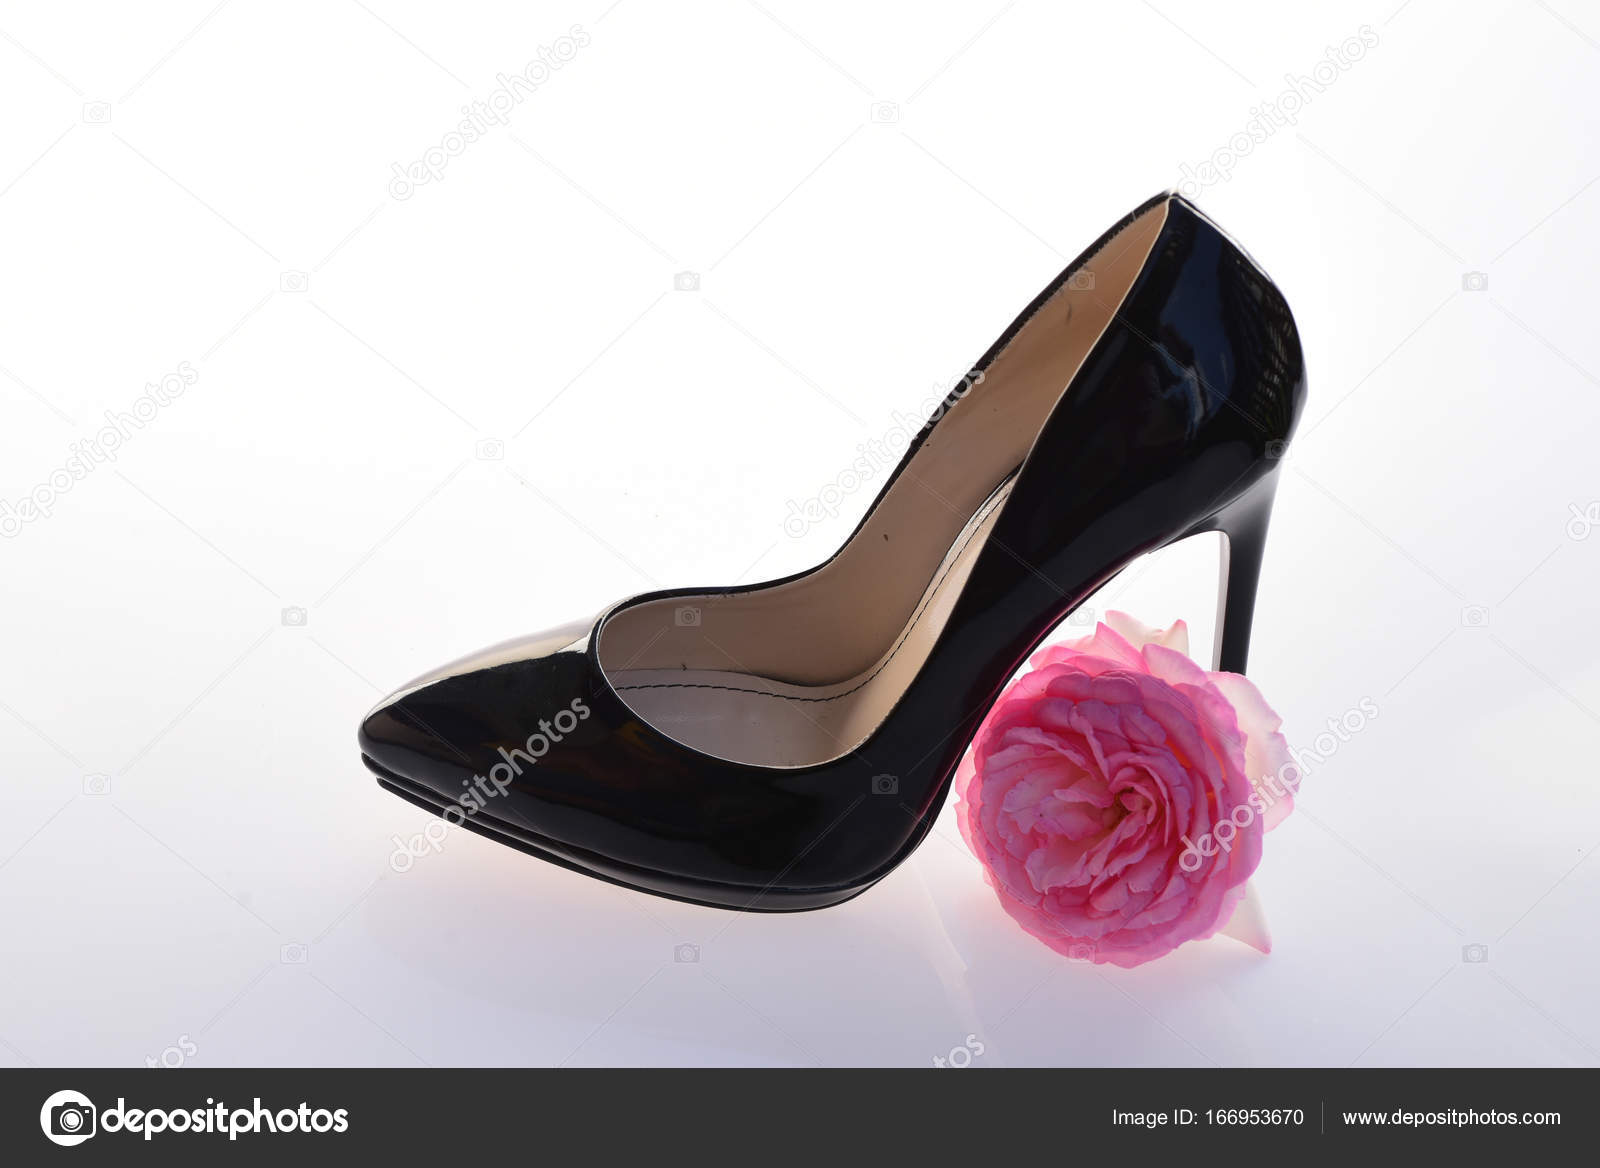 d85acadc2bd656 Schuh-schwarzen Farbe auf hohen Absätzen auf rotem Grund — Stockfoto ...